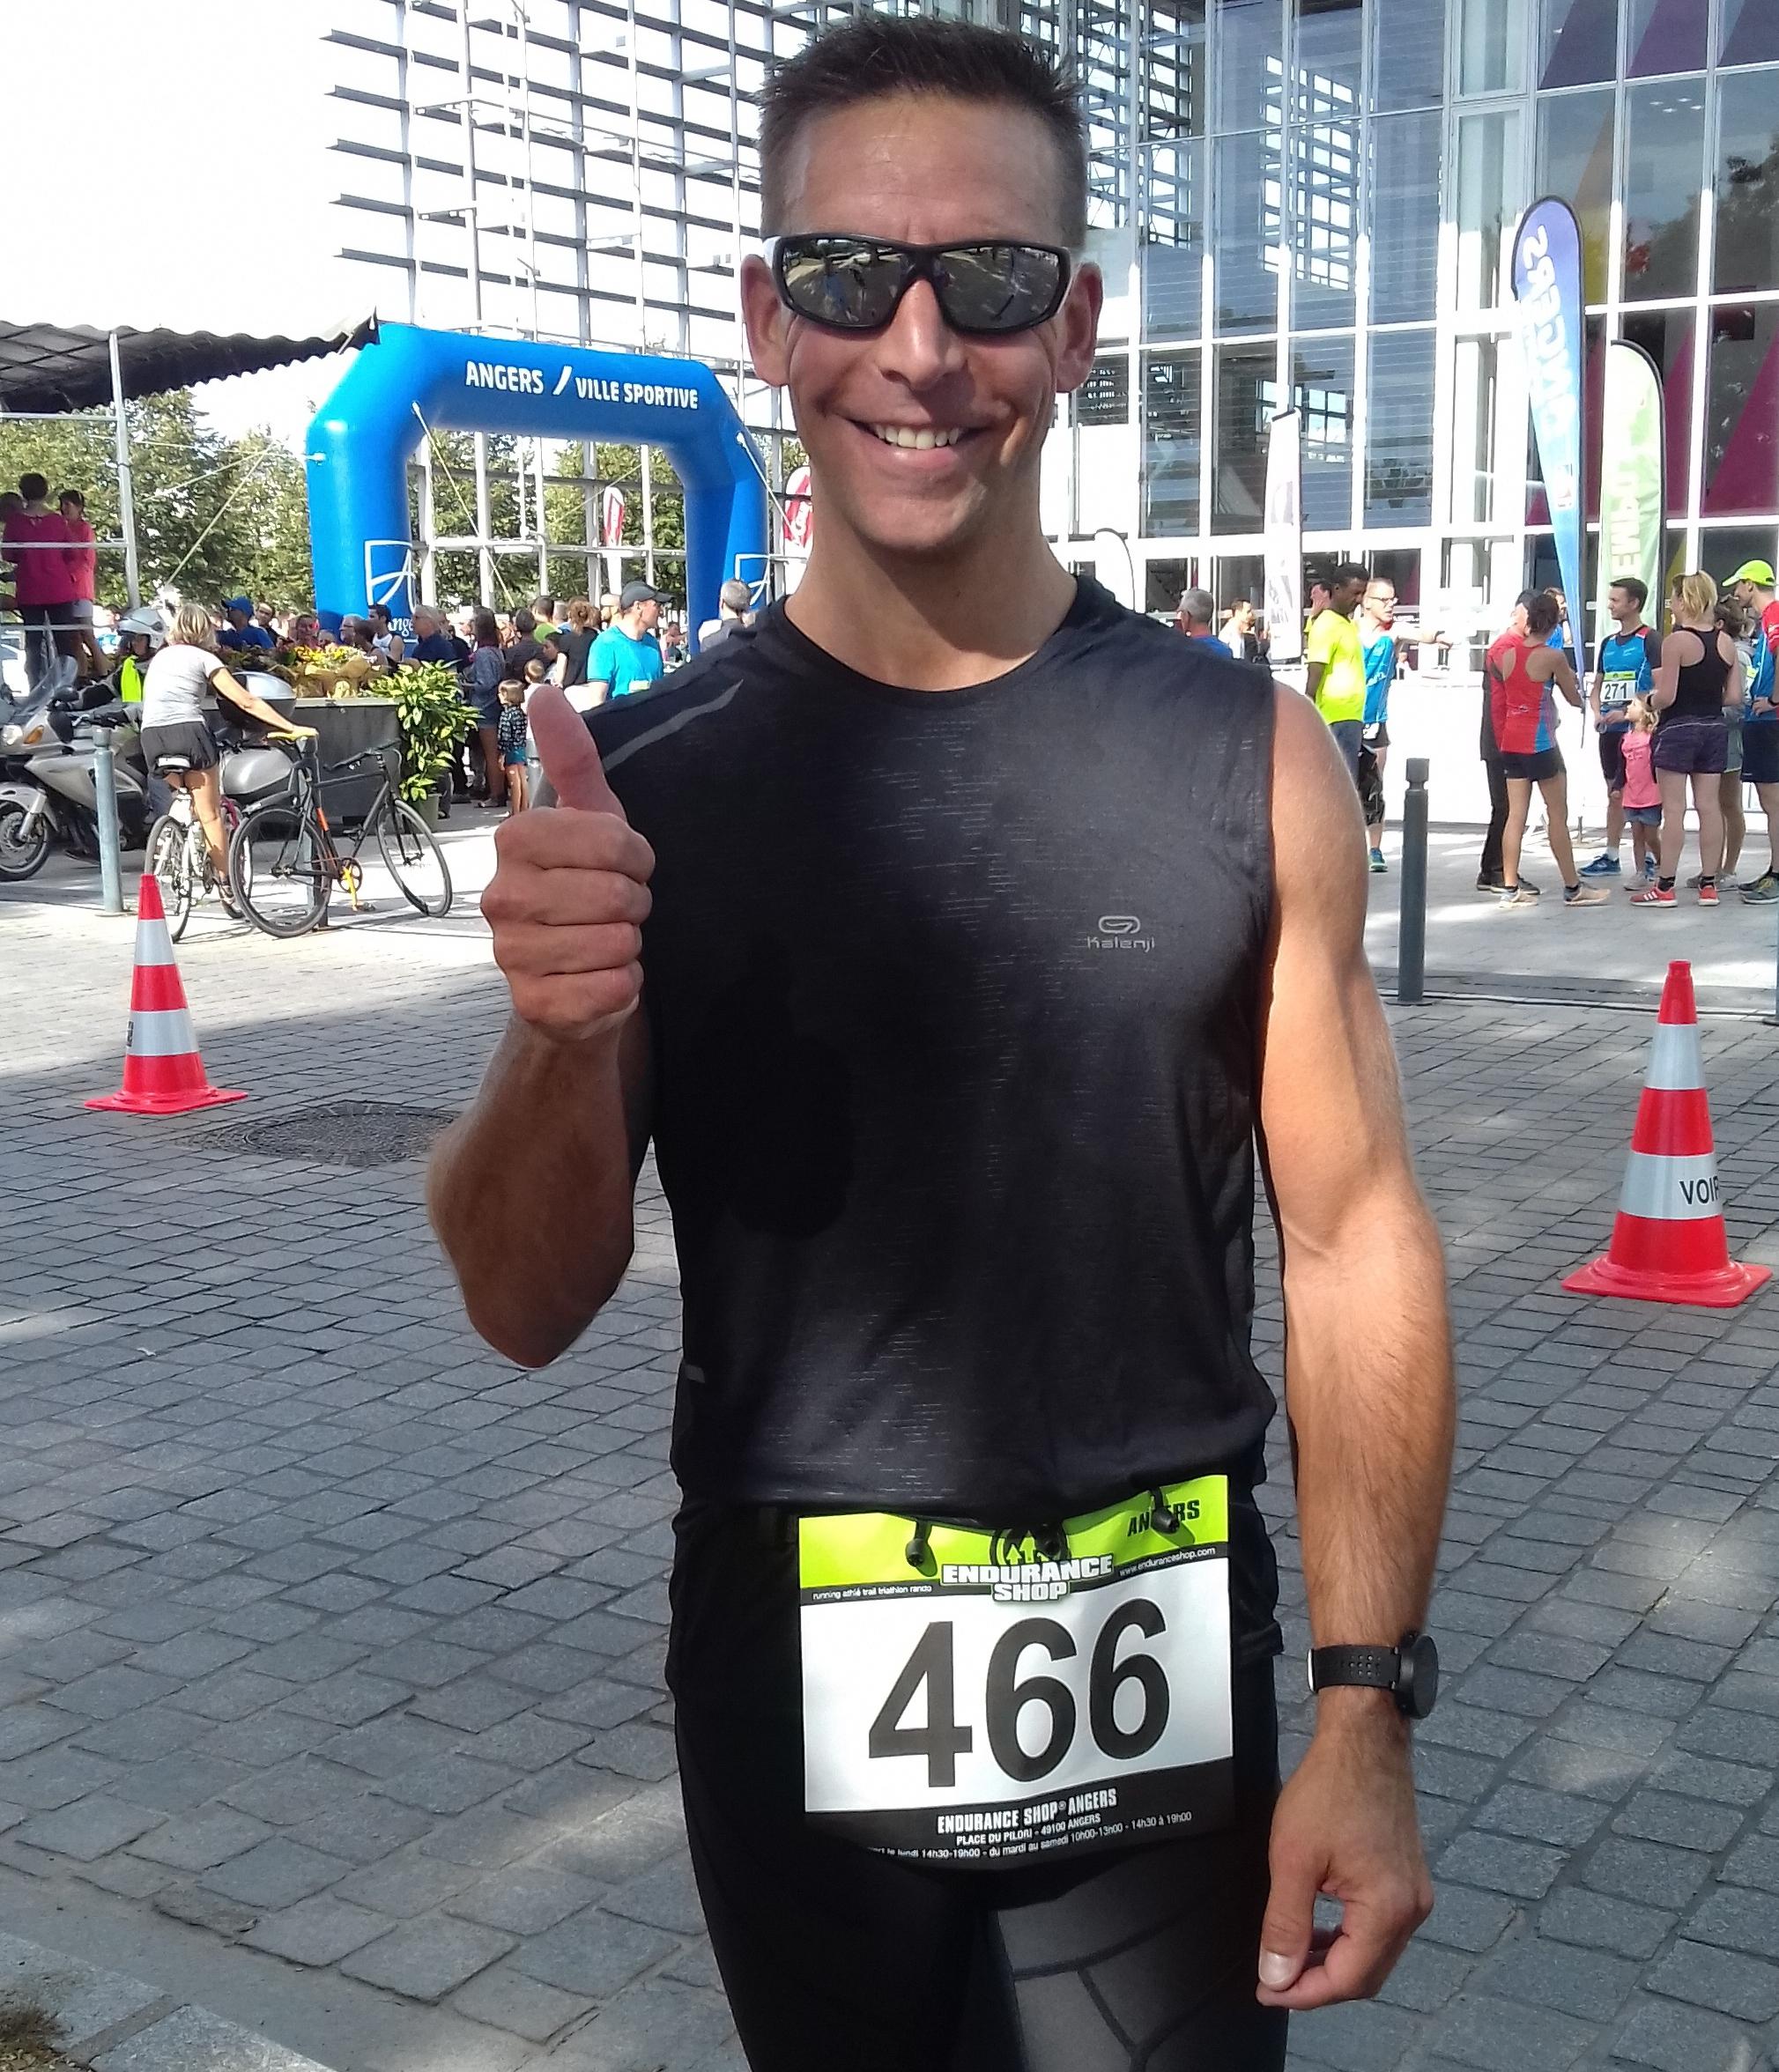 Eric fier de son chrono sur le 10K d'Angers